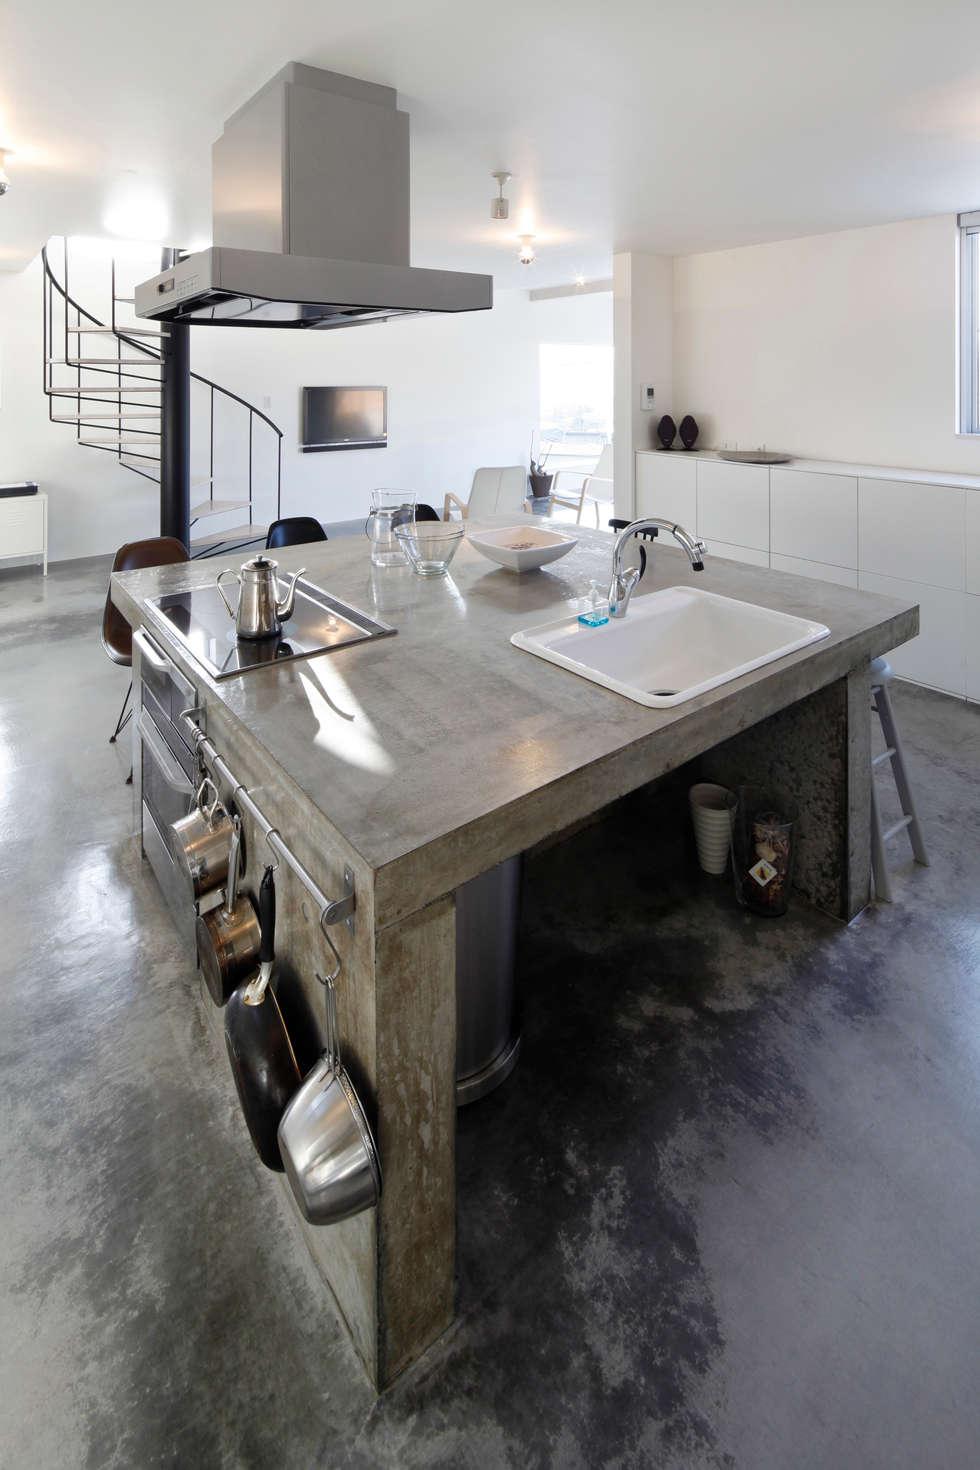 コンクリート打ち放しキッチン: 久保田正一建築研究所が手掛けたキッチンです。